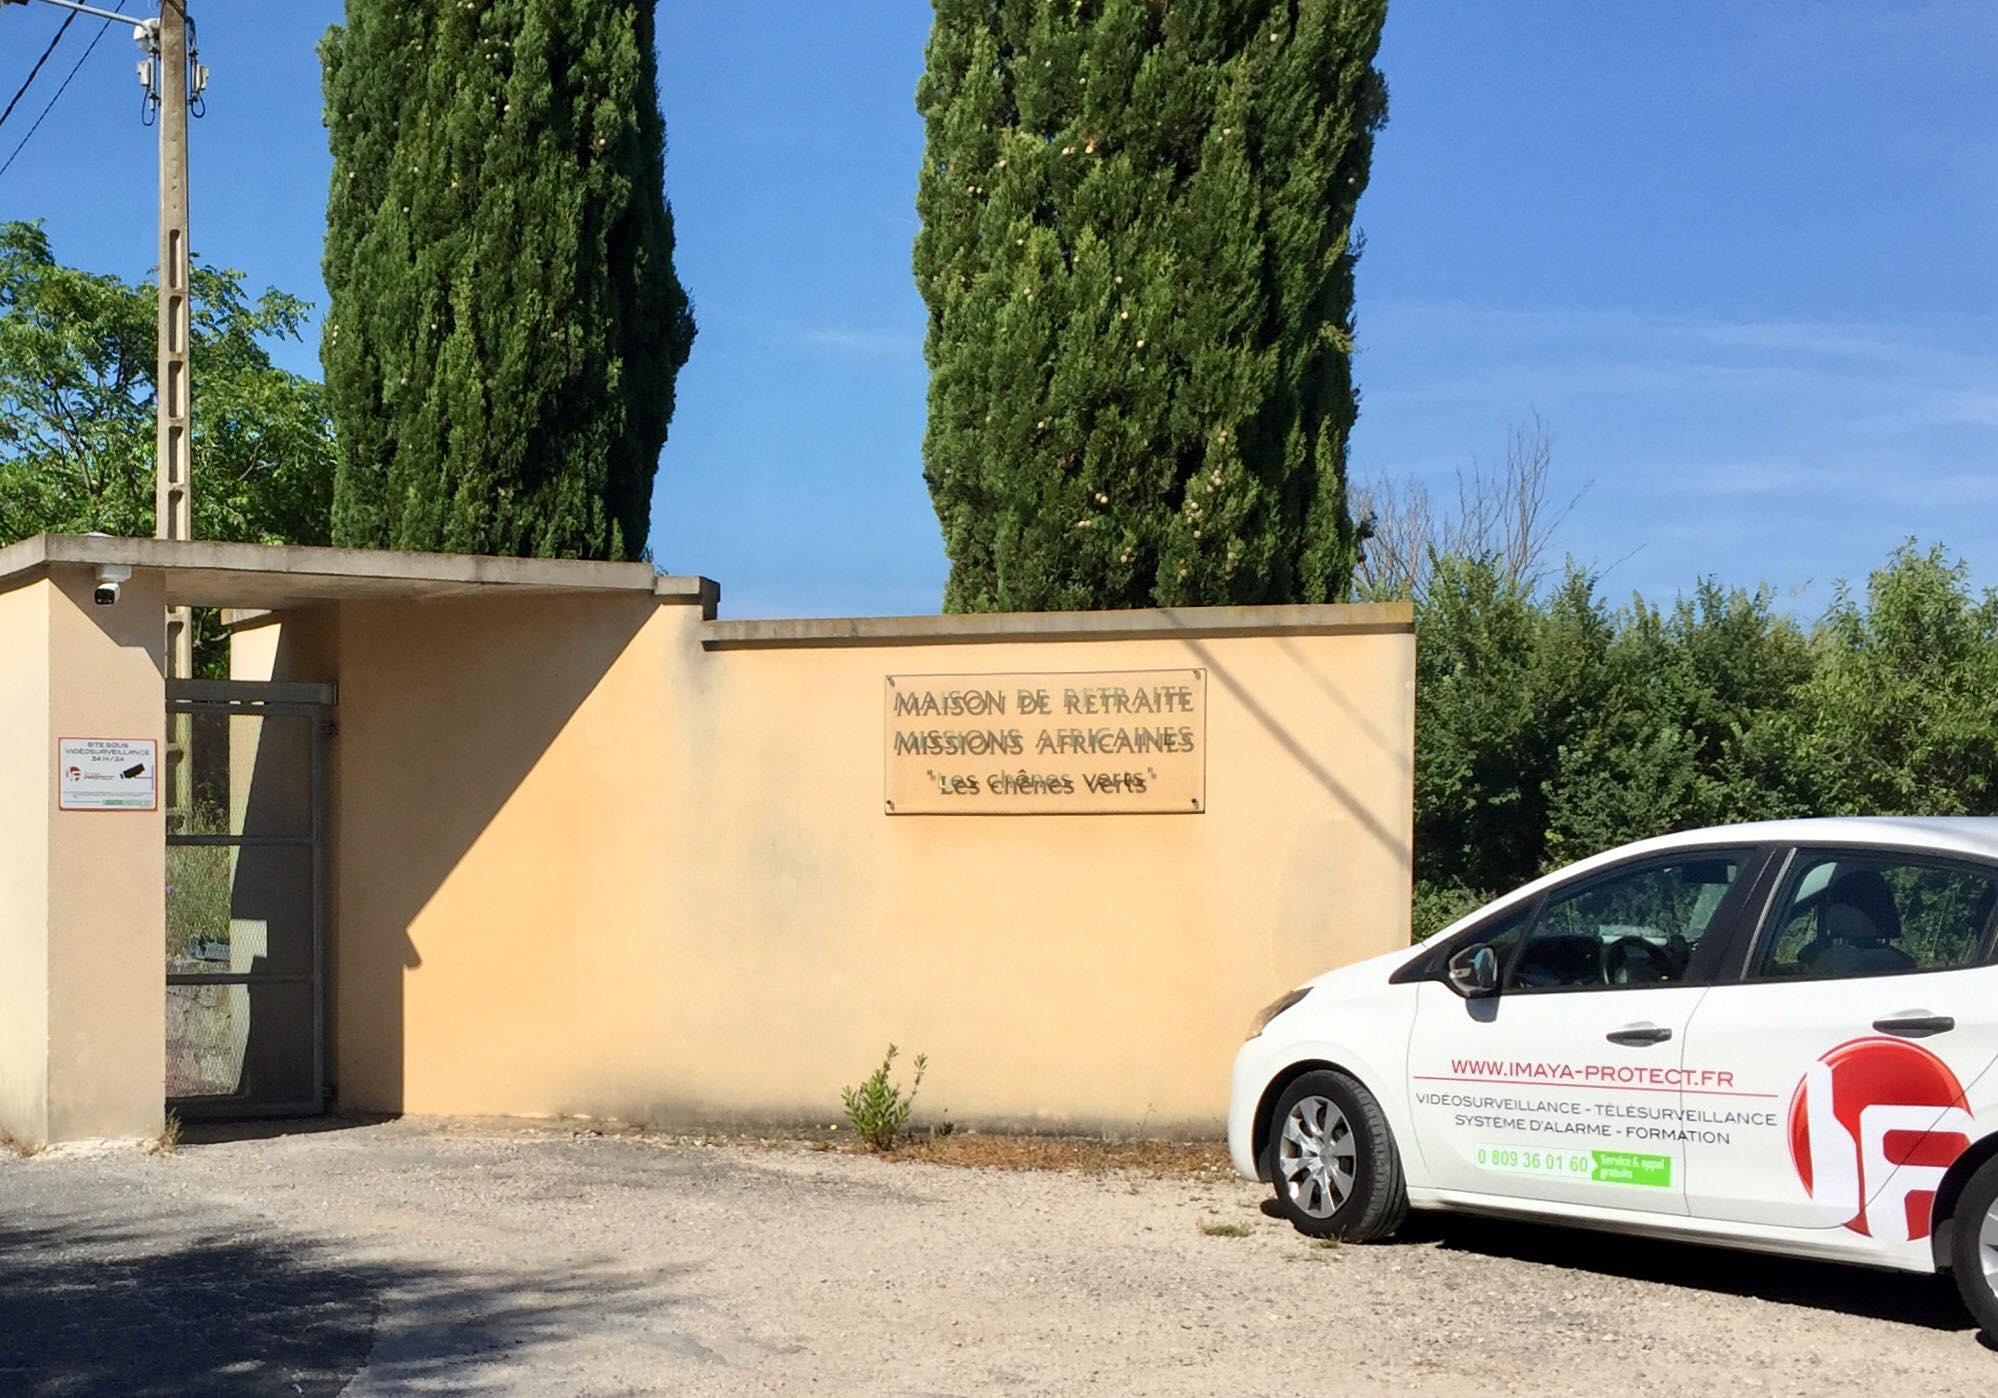 Nouvelle Référence : Maison de retraite des missions africaines